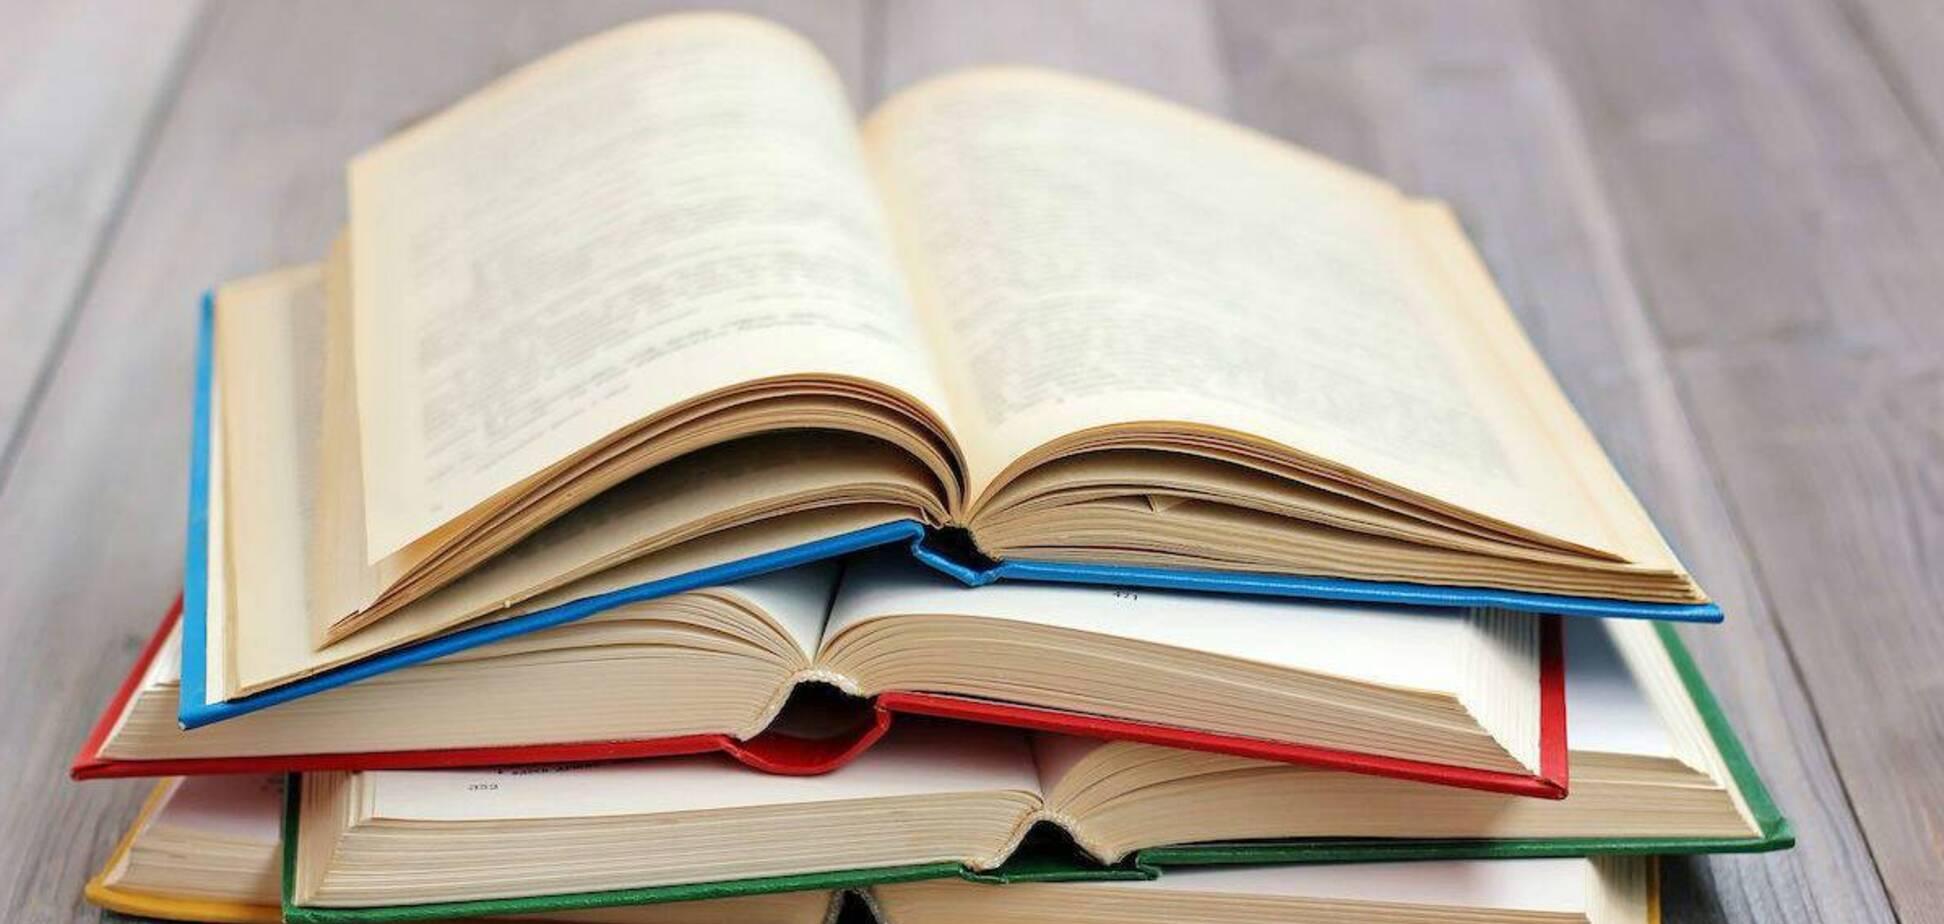 В России обязали убрать из общего доступа книги '18+': что известно о скандальном решении